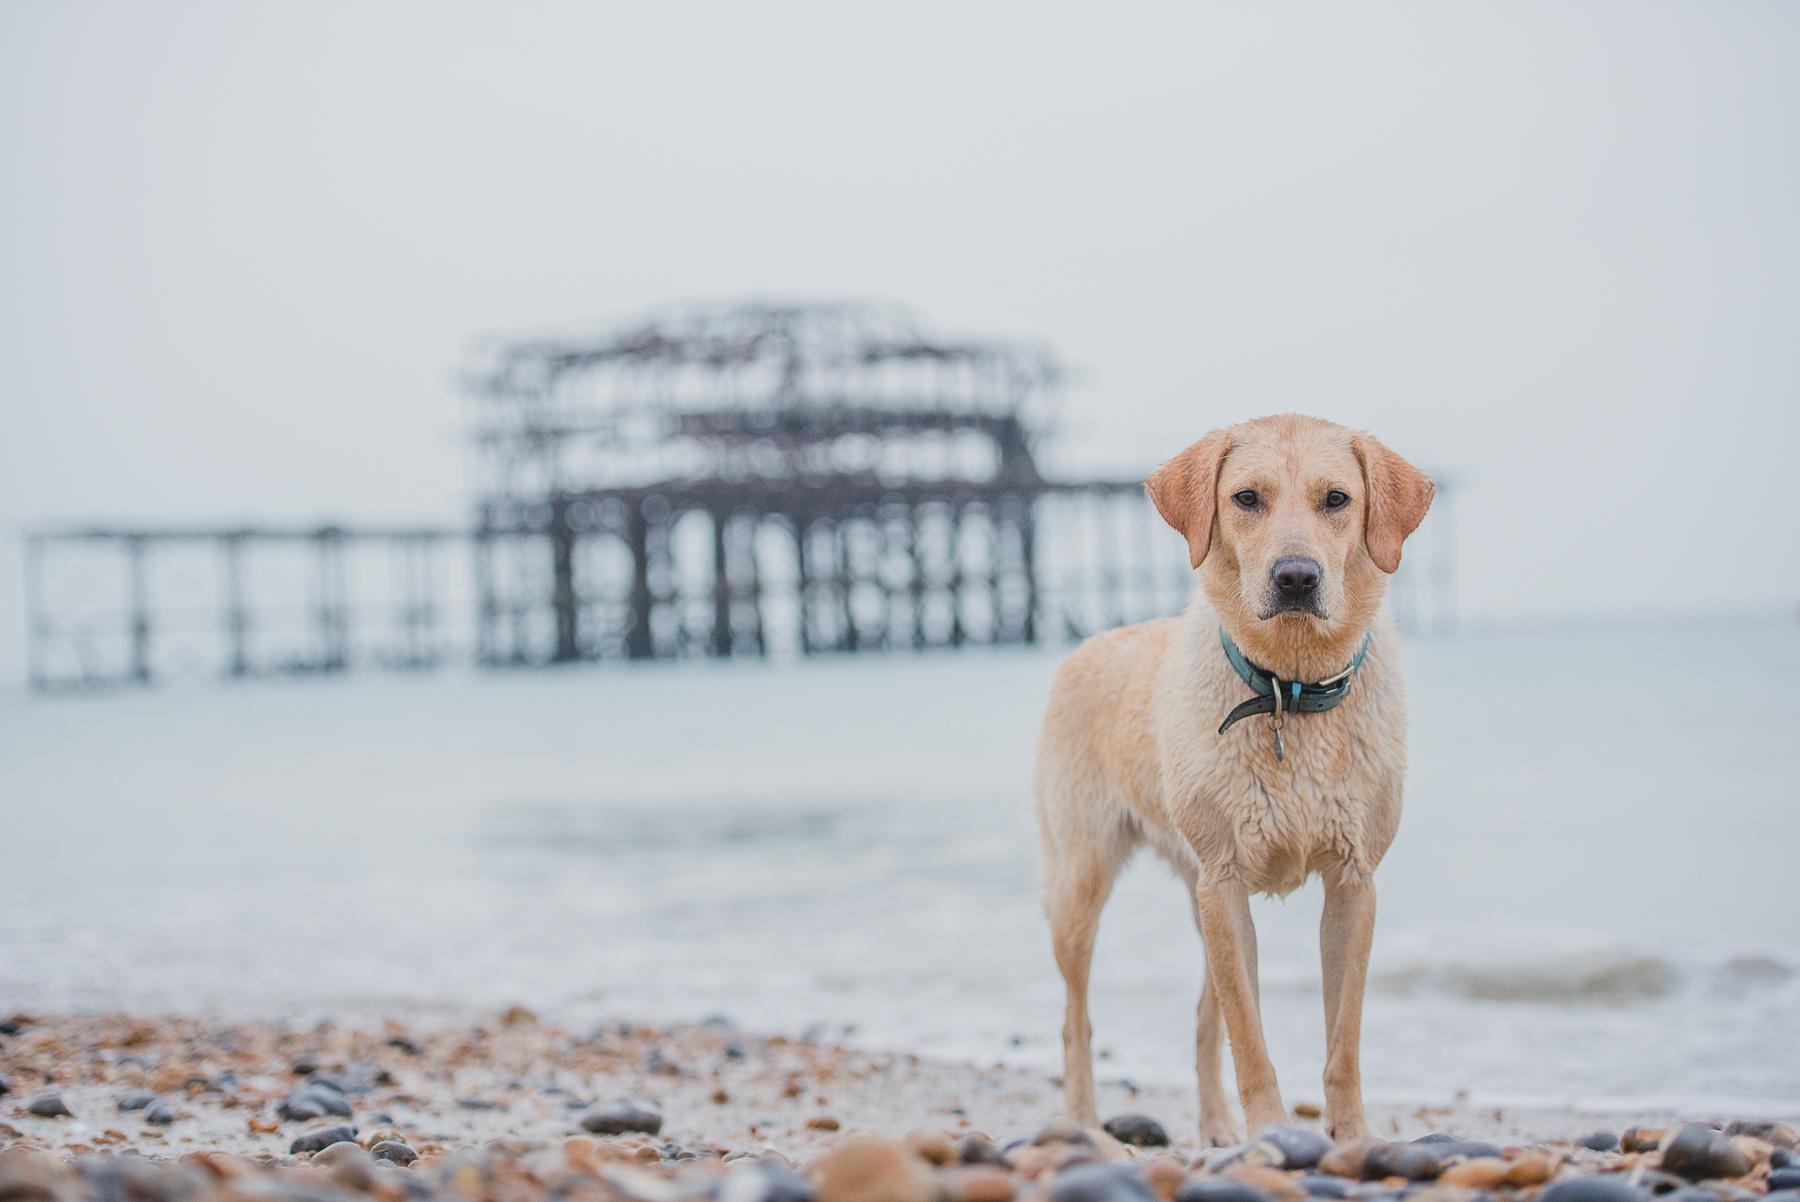 Yellow labrador next to old brighton pier